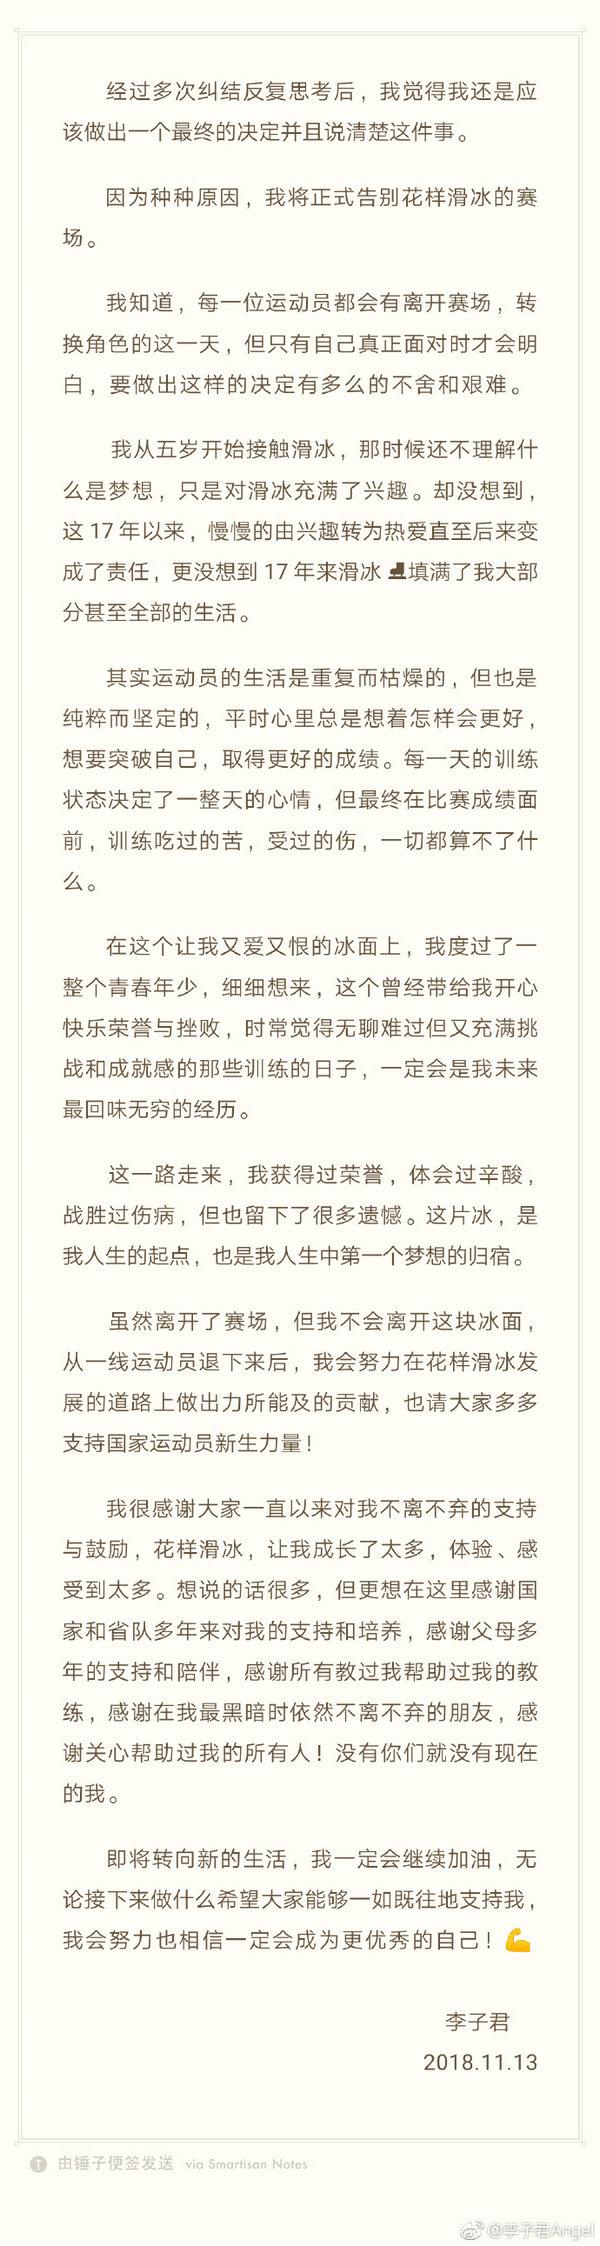 中国花滑名将李子君正式宣布退役